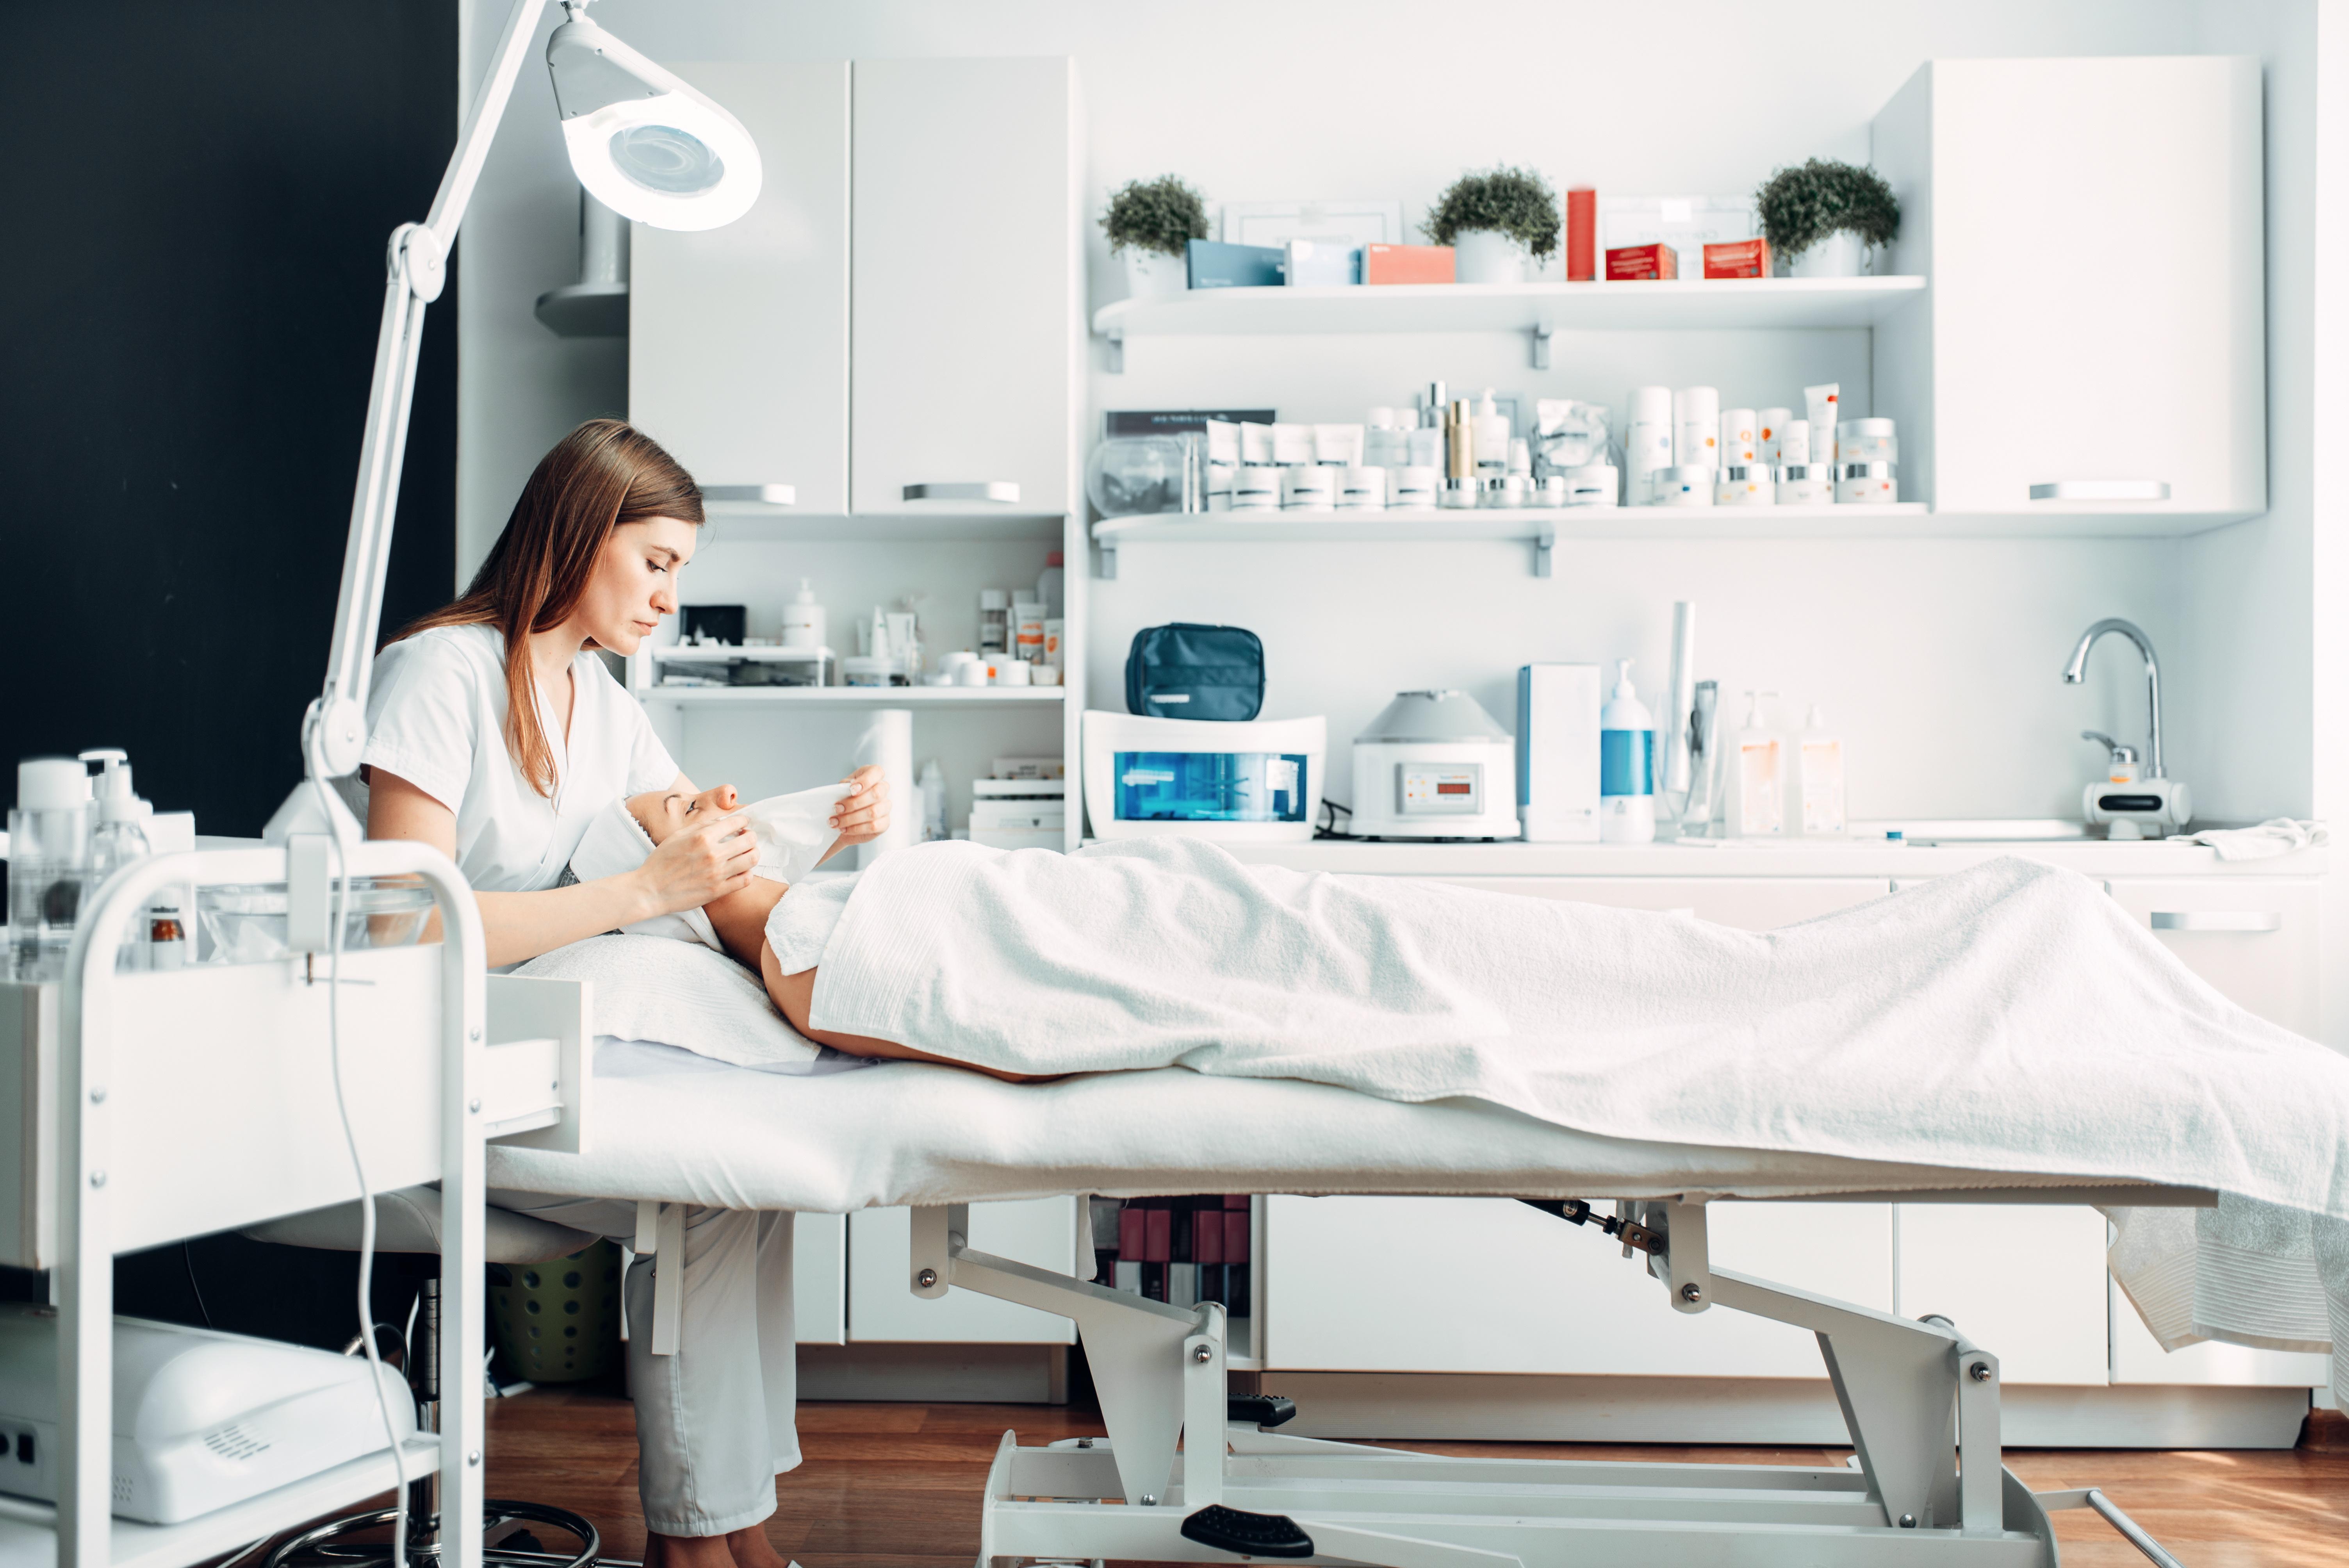 Dezynfekcja w salonach kosmetycznych_Cleanex_CodziennikKosmetyczny.pl